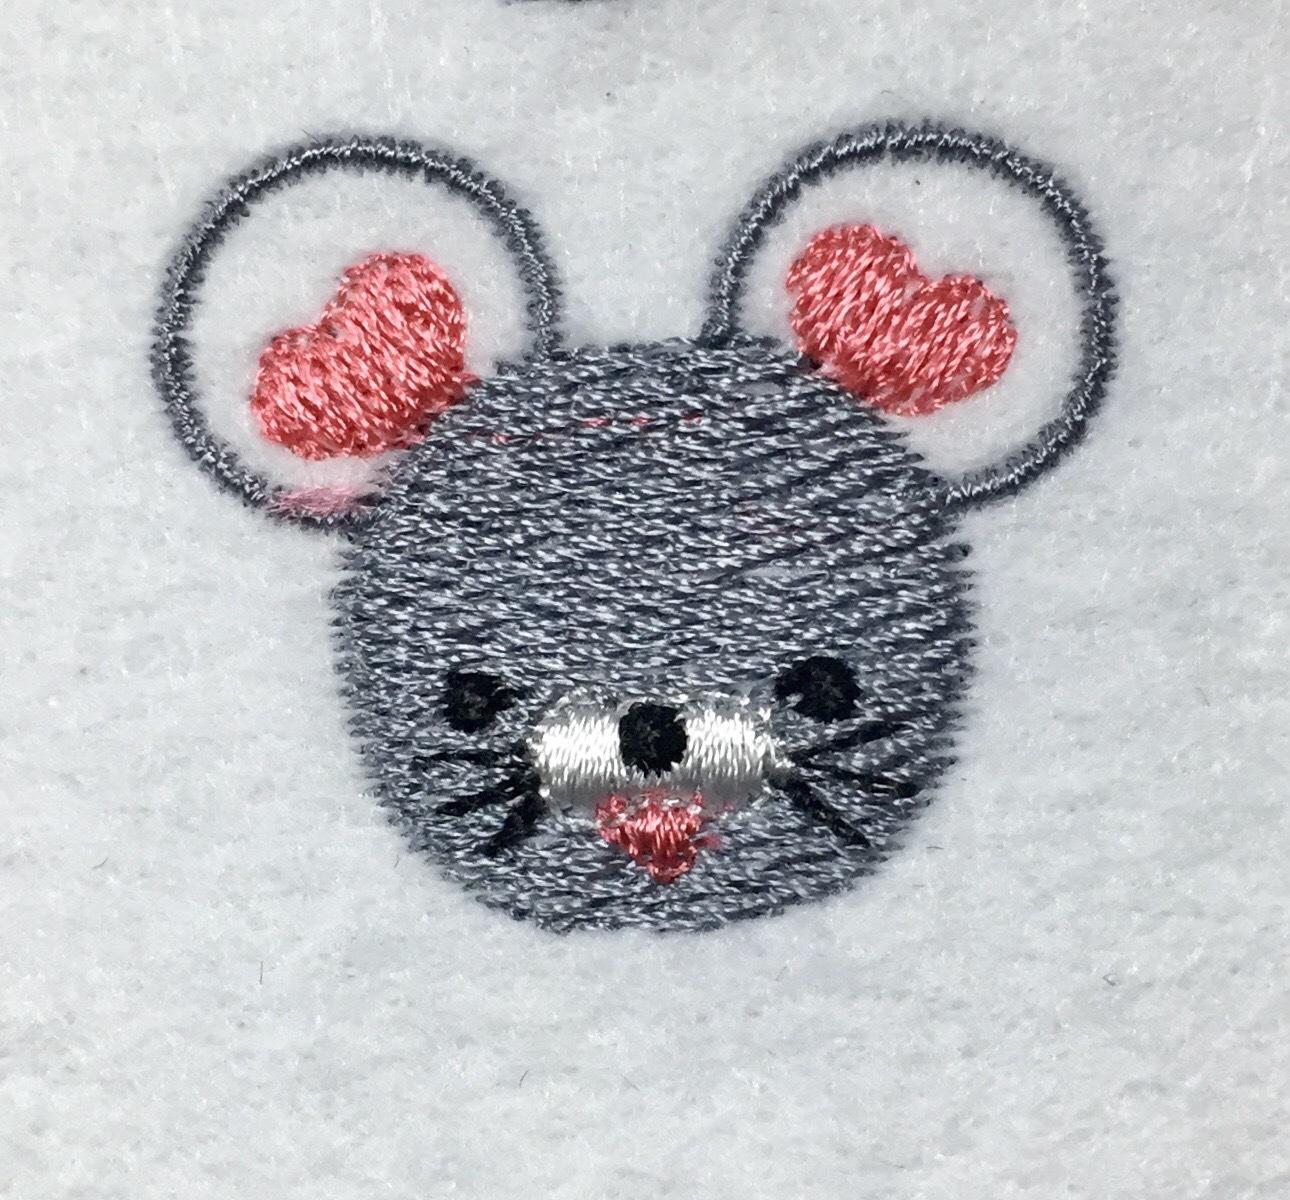 ネズミの刺繍(^^)_e0385587_21521327.jpeg